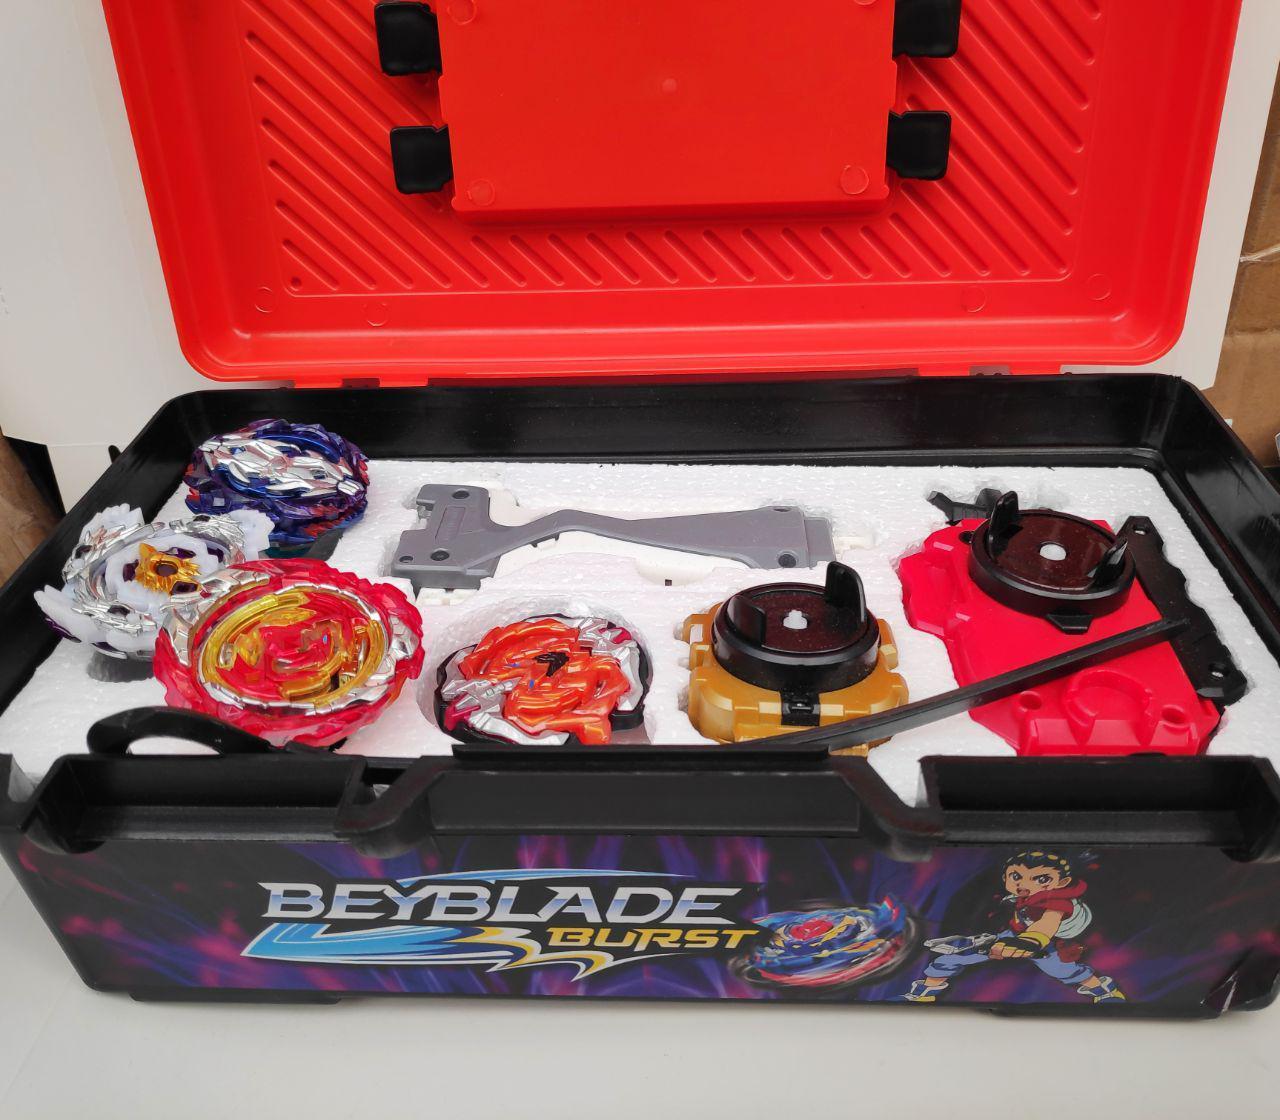 Набор BeyBlade: Кейс-Box + 4 волчка + двухсторонний шнуровой пуск + ленточный пускатор